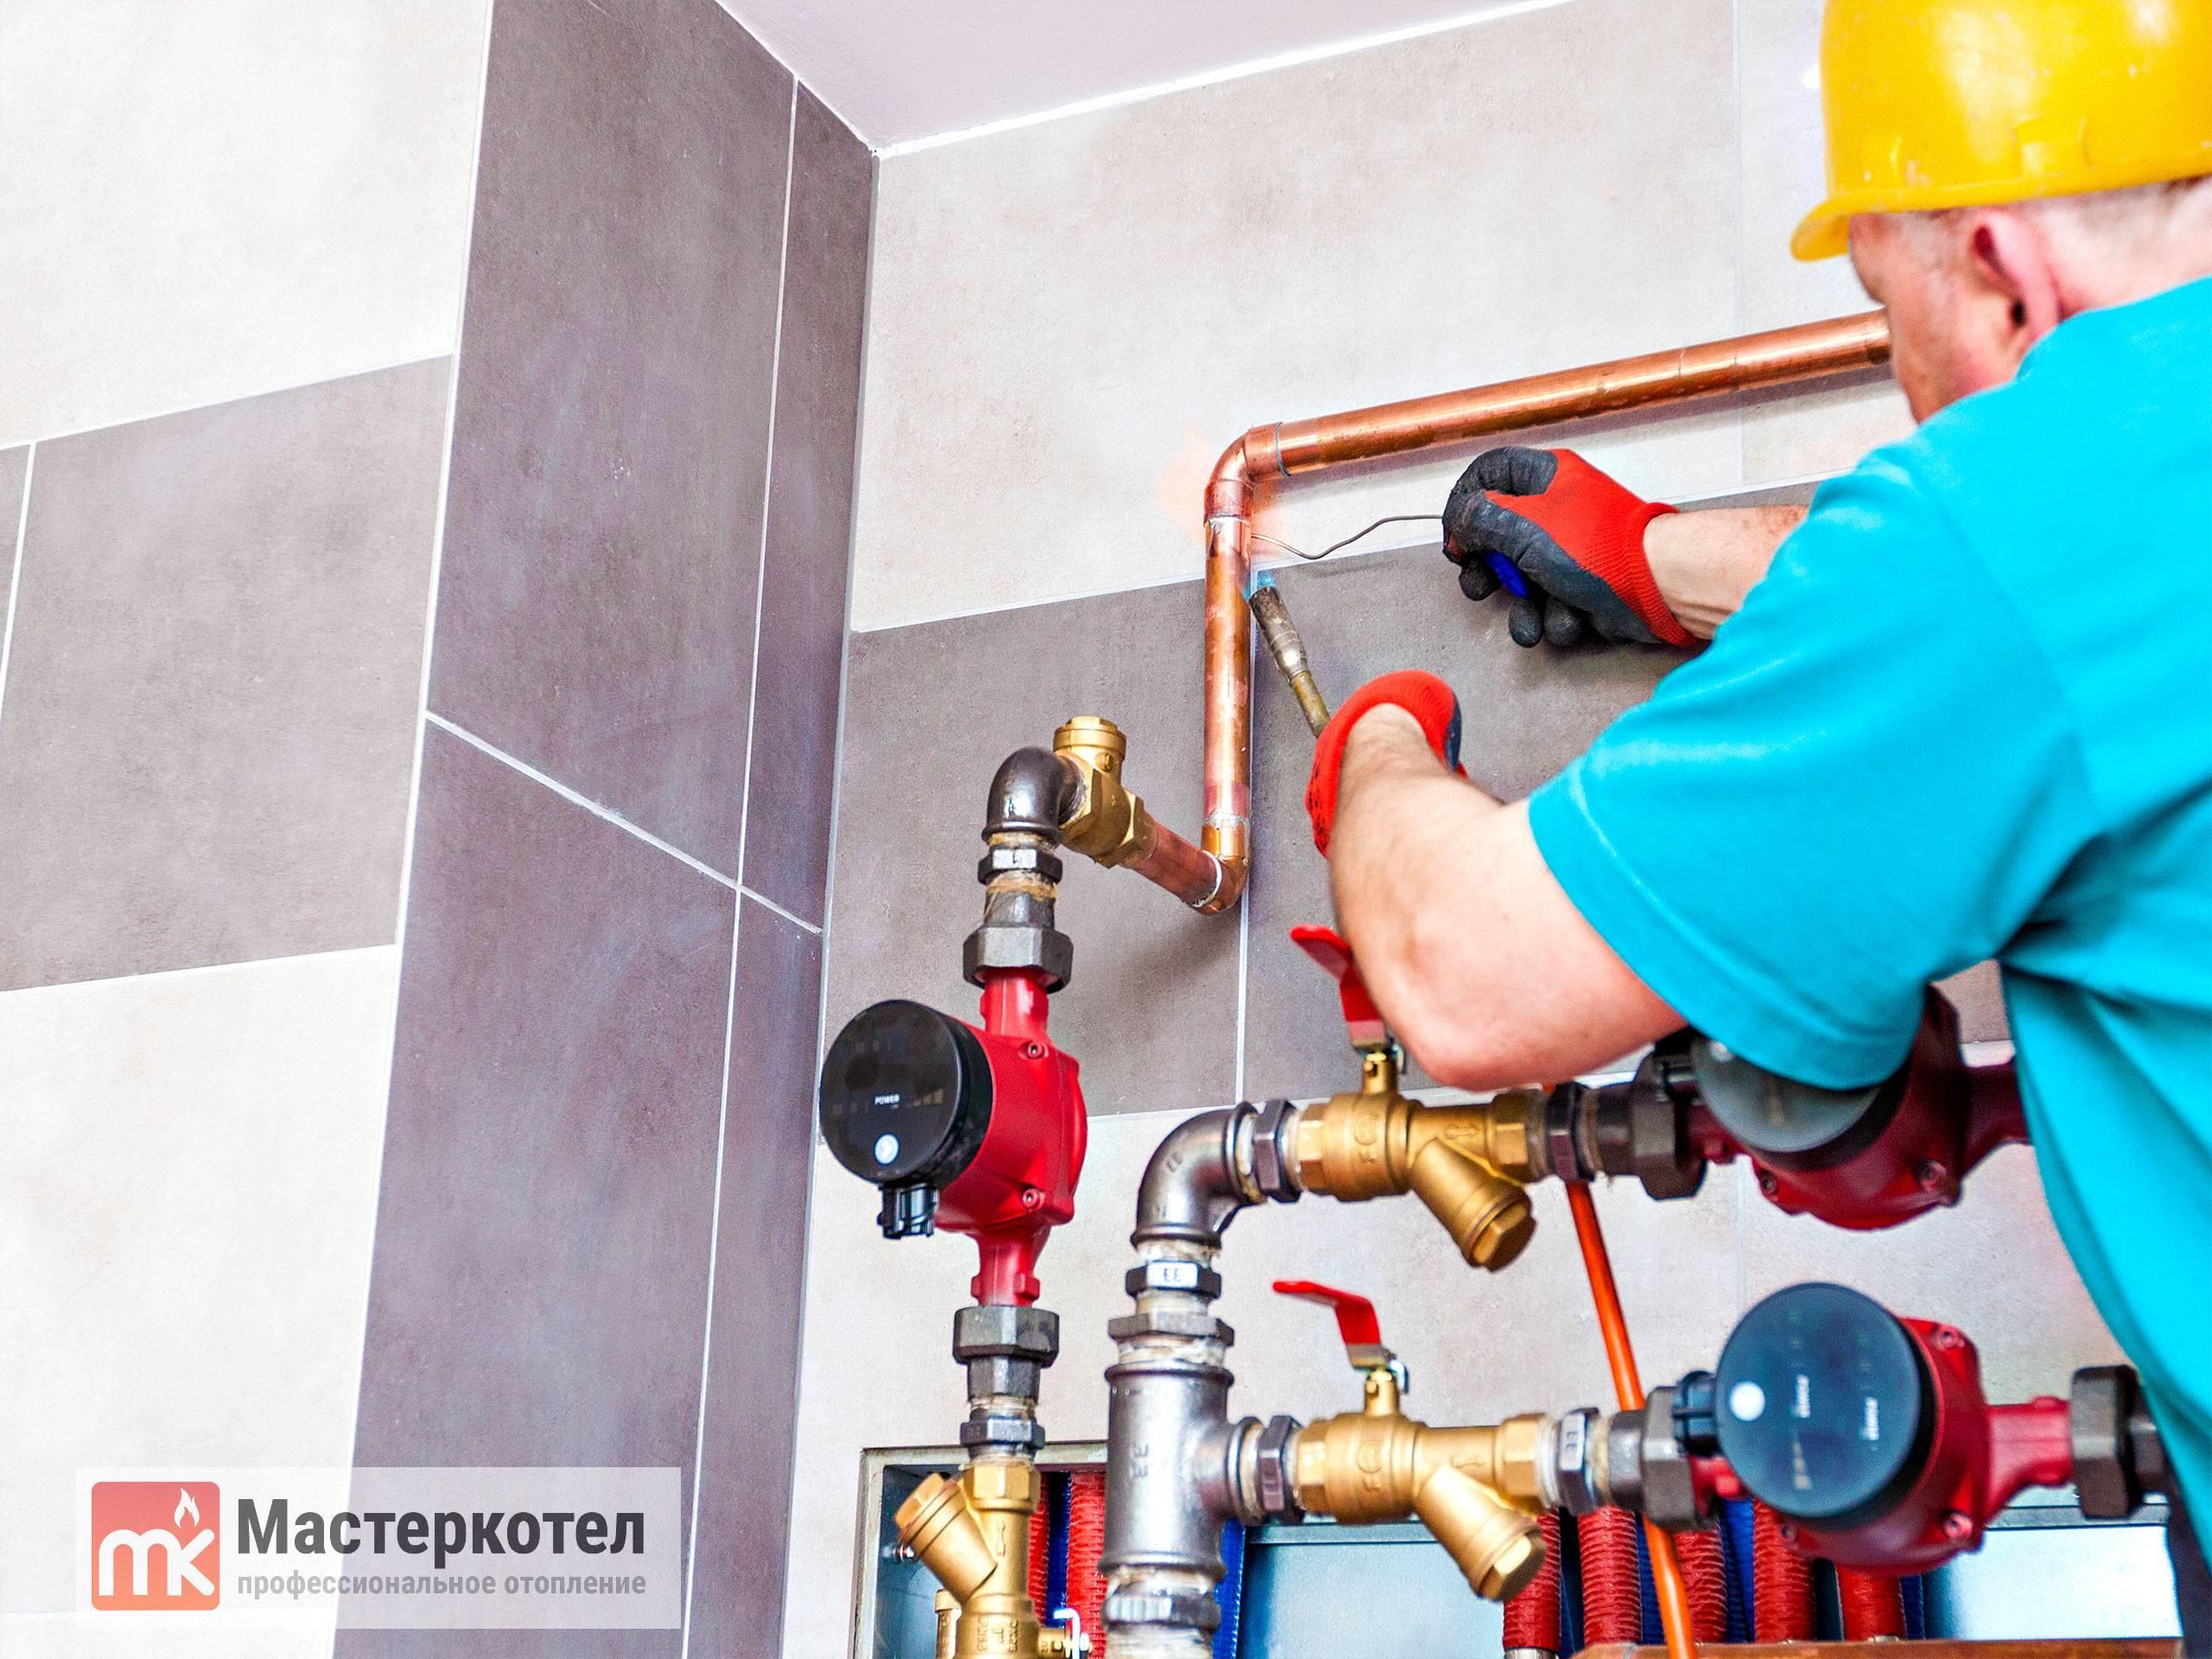 Опрессовка отопления - неотъемлемый элемент пусконаладочных работ.